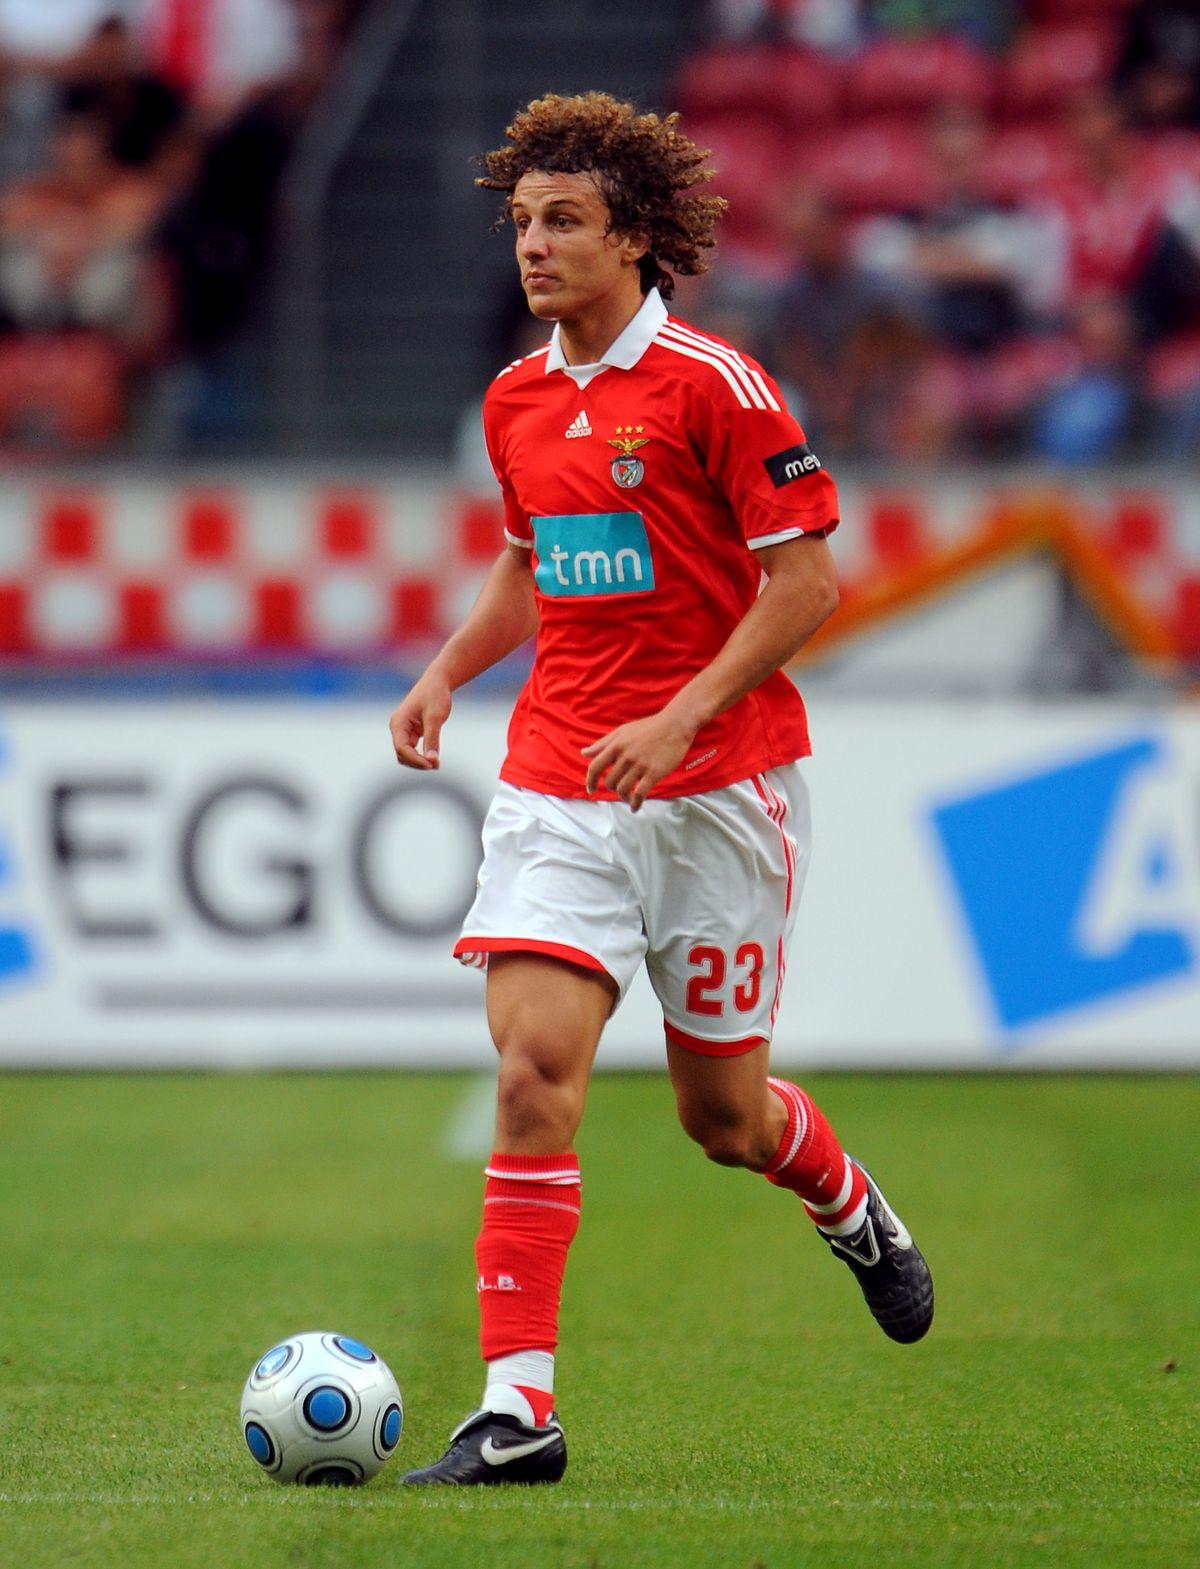 Soccer - Amsterdam Tournament - Sunderland v Benfica - Amsterdam ArenA